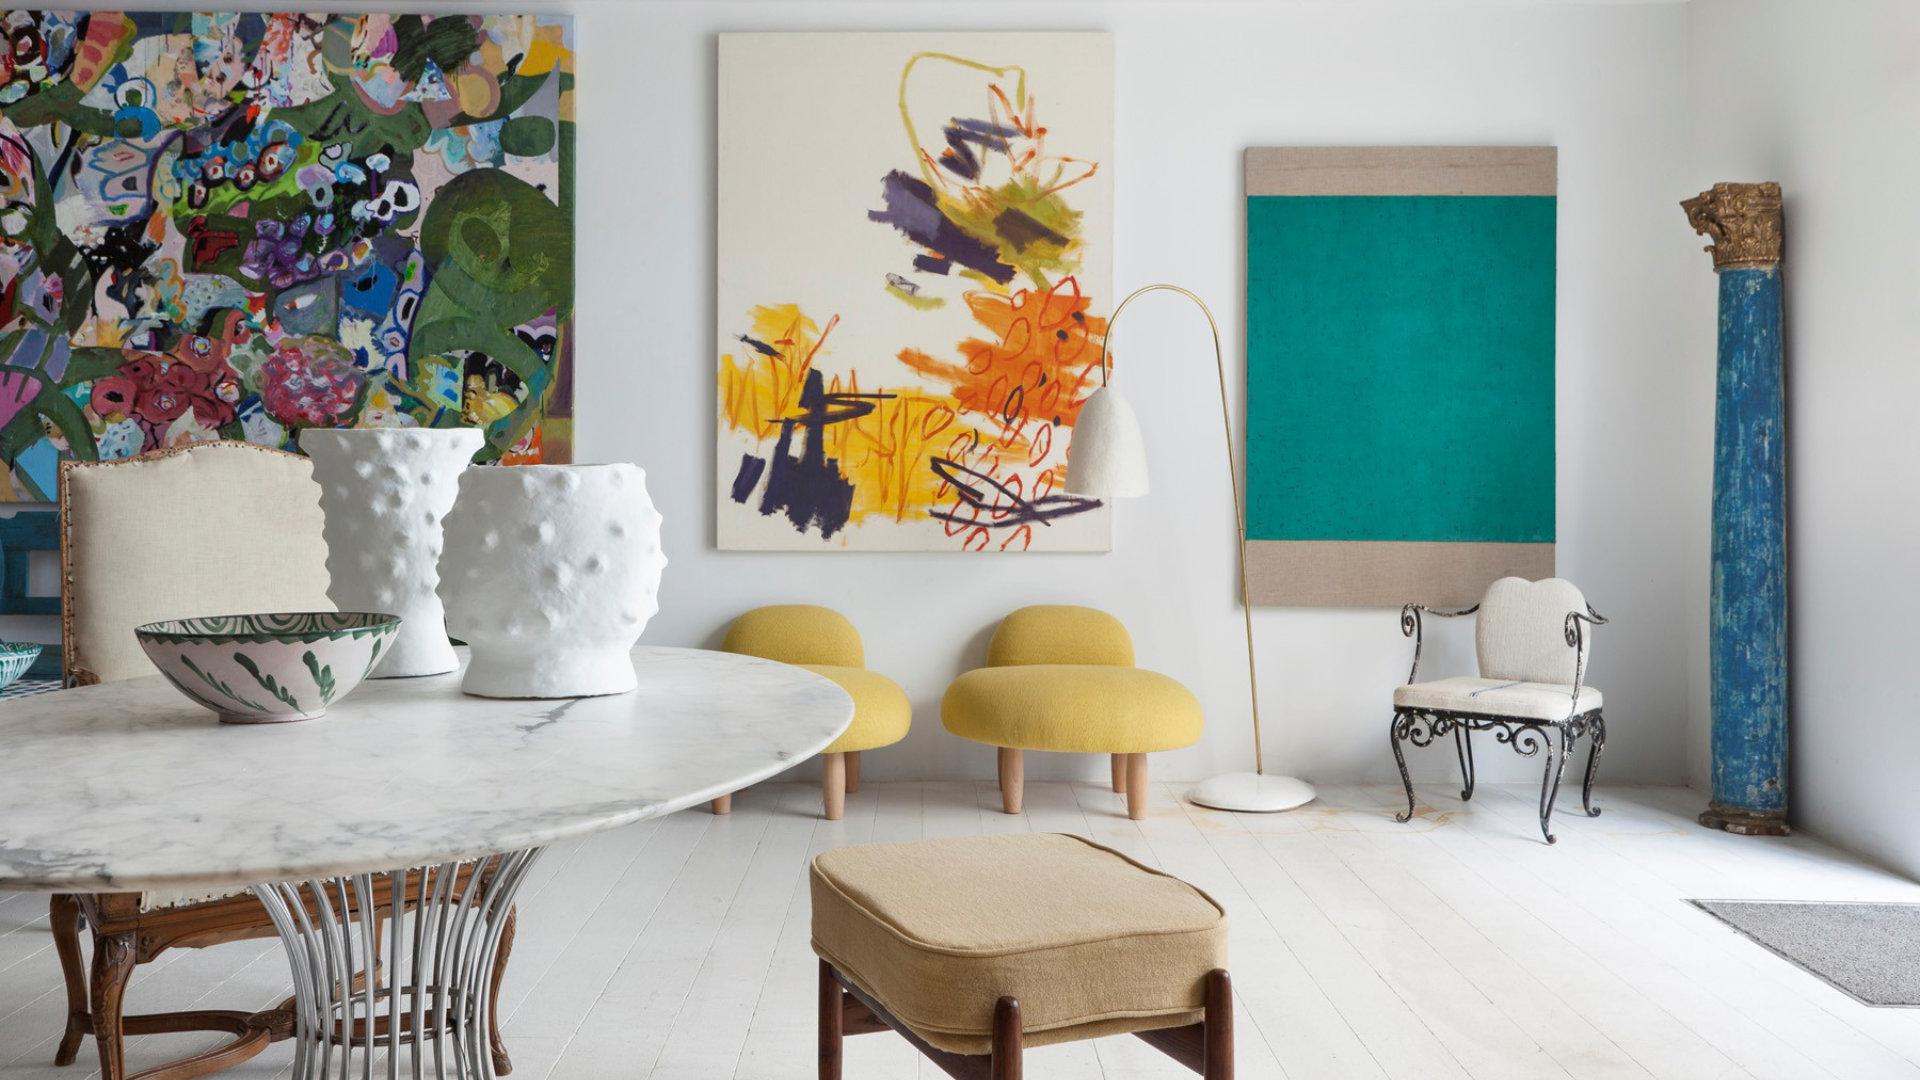 Gärna Studio inaugura un espacio expositivo con una selección de artistas emergentes